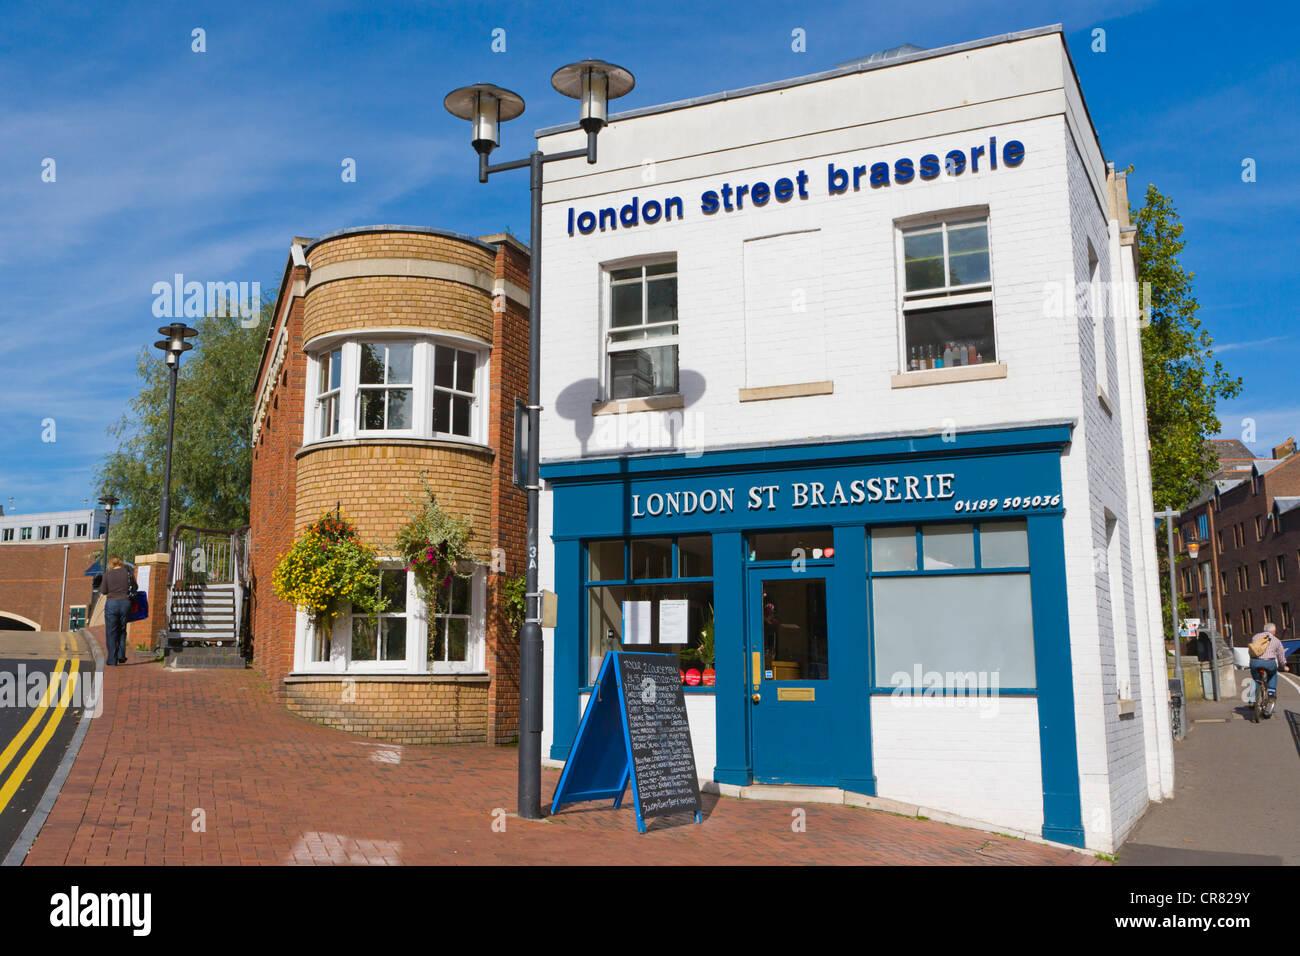 London Street Brasserie, Ertrag Halle Platz und London Street, Reading, Berkshire, England, Vereinigtes Königreich, Stockbild